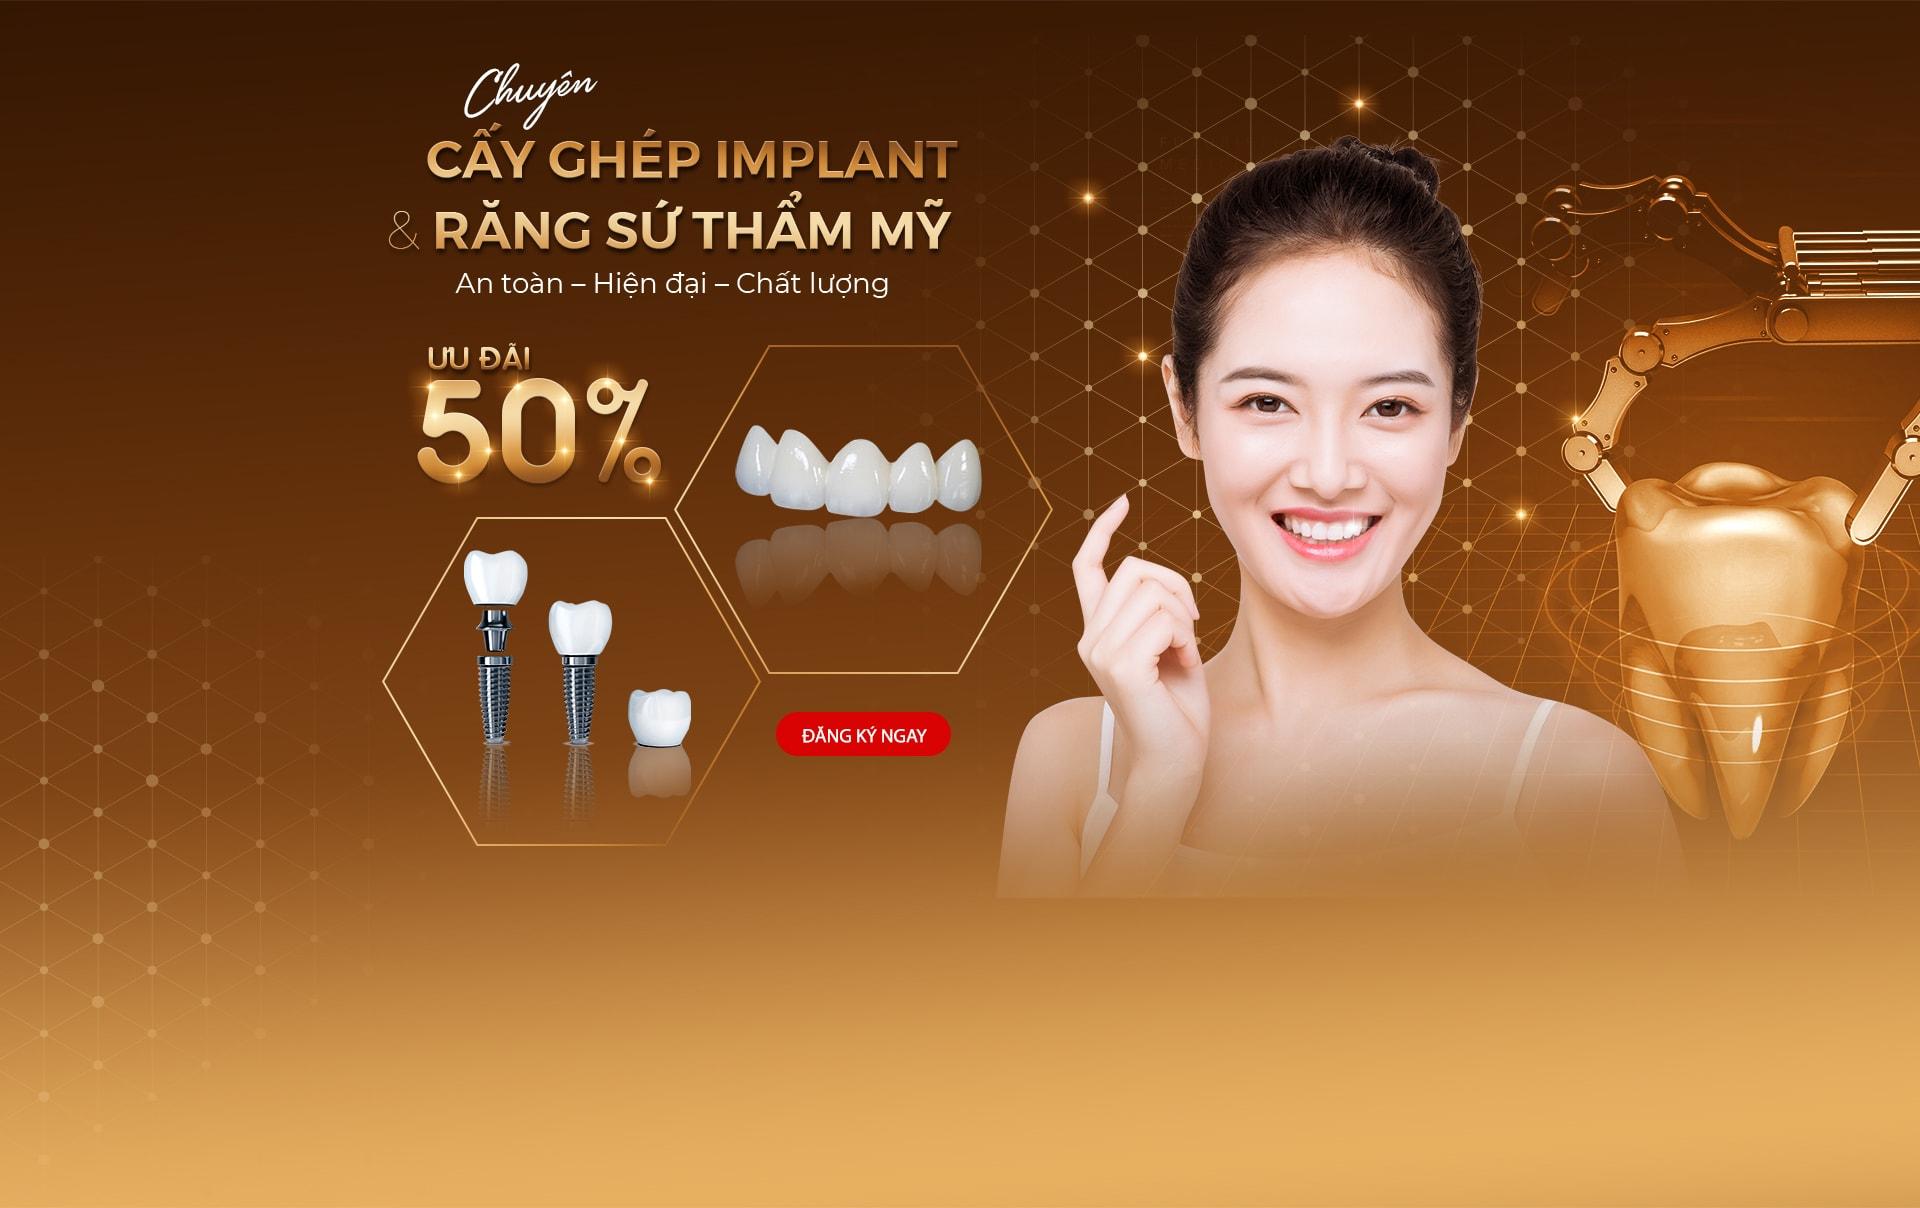 Cấy ghép Implant và Răng sứ thẩm mỹ